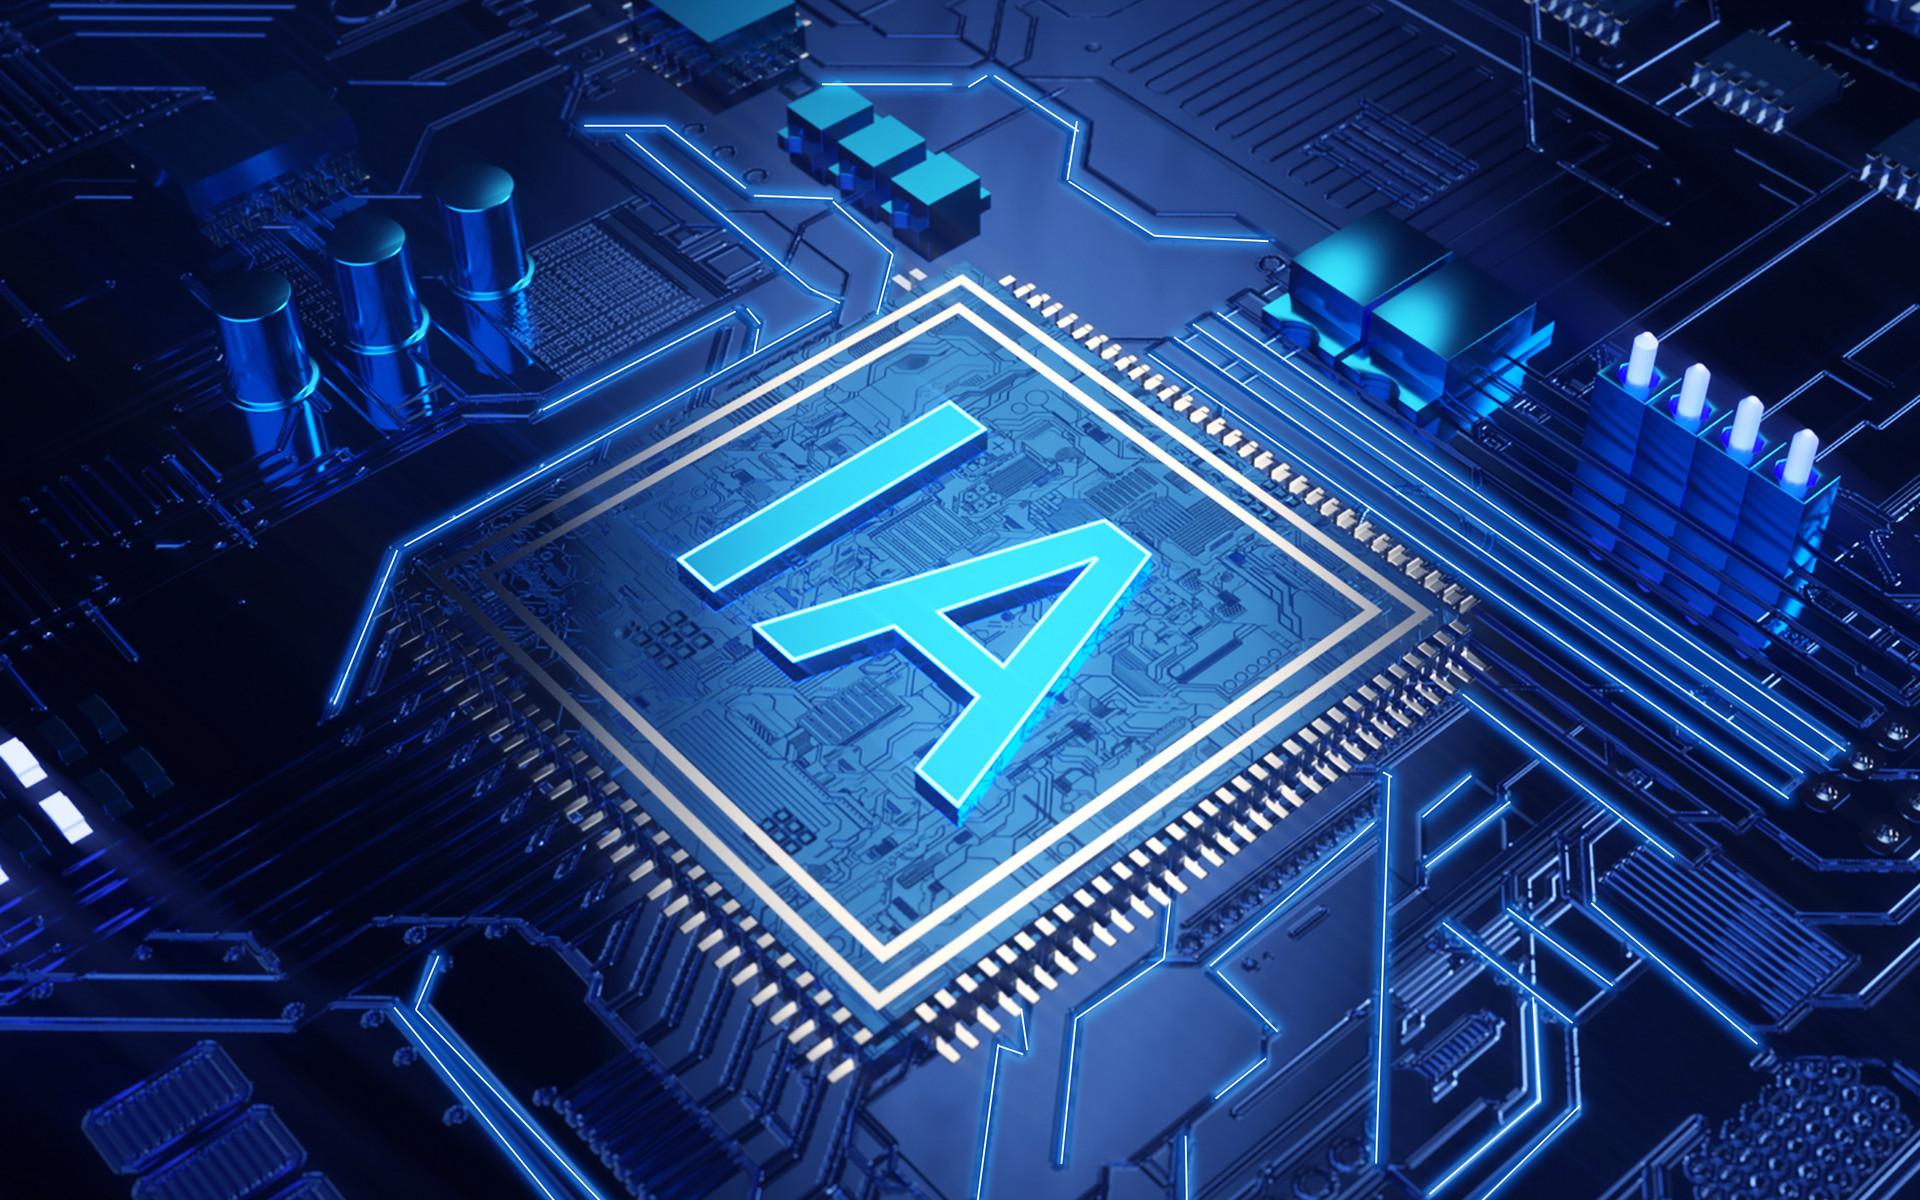 杭州市加快国家新一代人工智能创新发展试验区进程